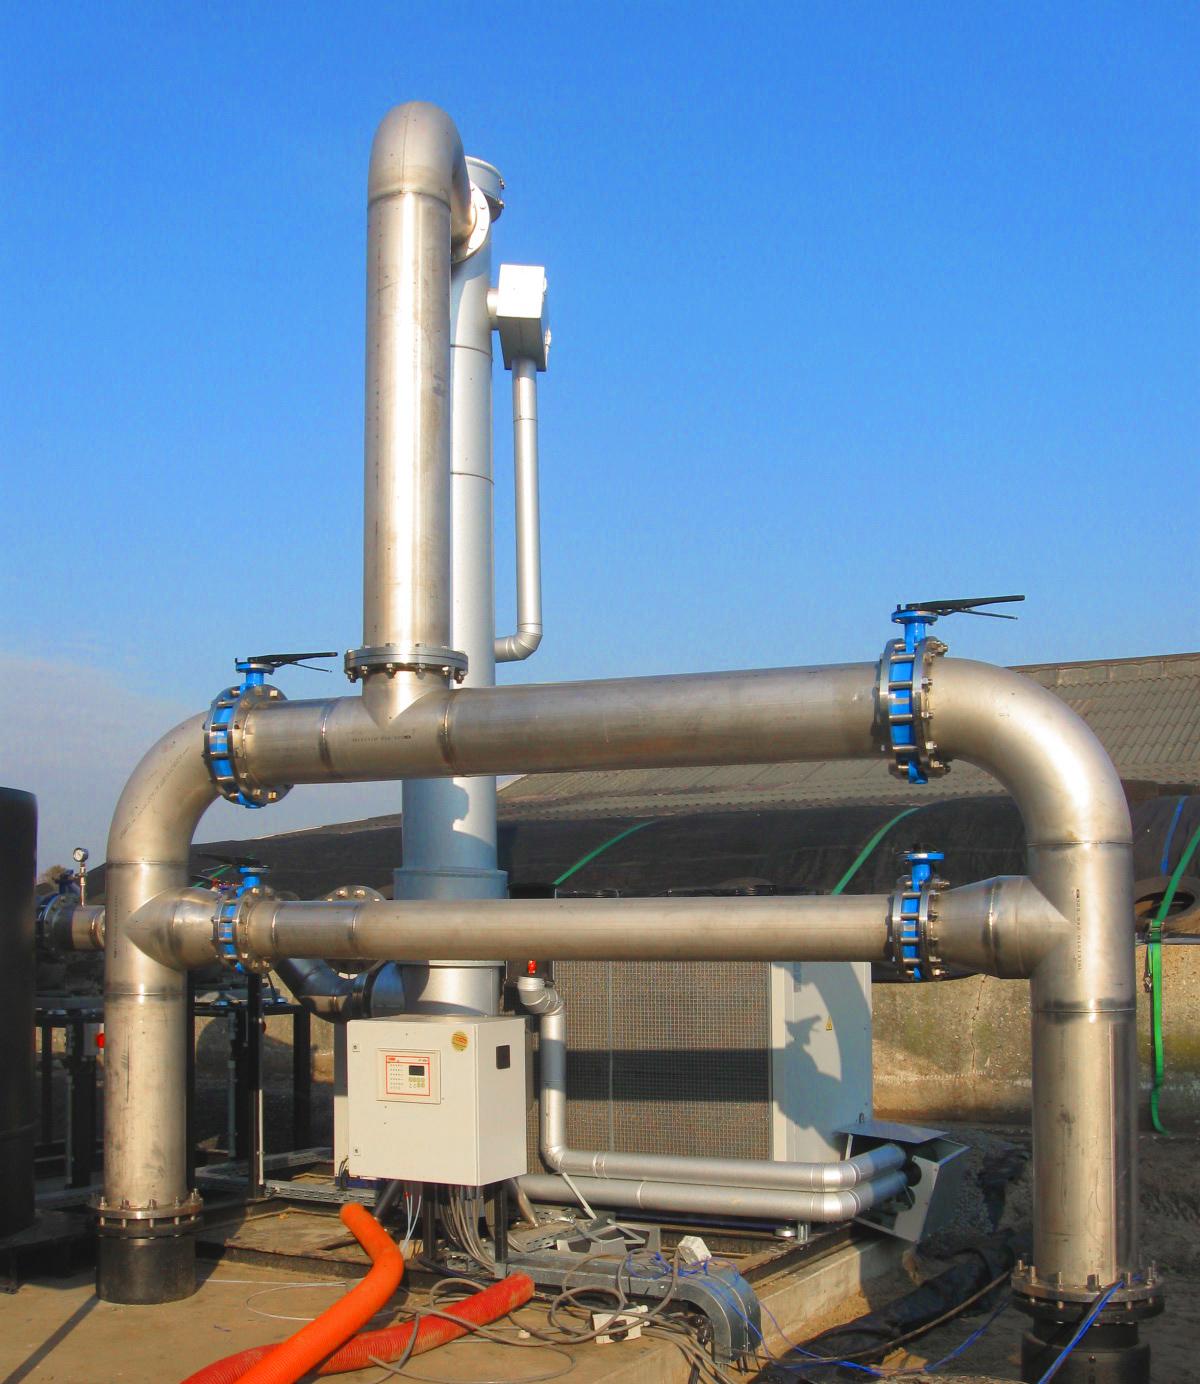 09 Planta de Biogás de 2 MW en Moerstraten Países Bajos - Entrada de gas enfriadora